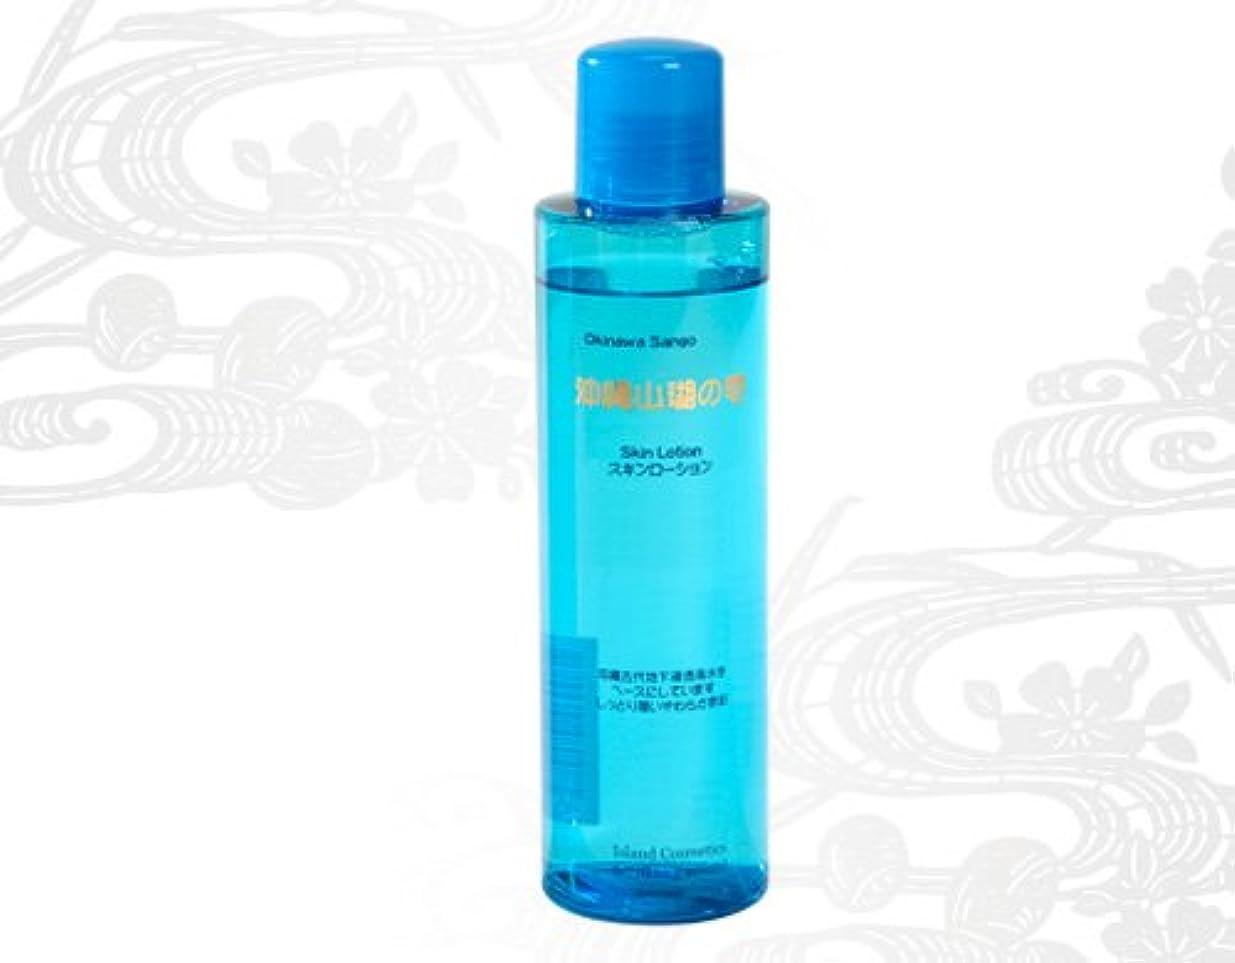 沖縄山瑚の雫 スキンローション 200ml×2本 アイランド ミネラル豊富な沖縄さんご水をベースにした全肌質向けの化粧水